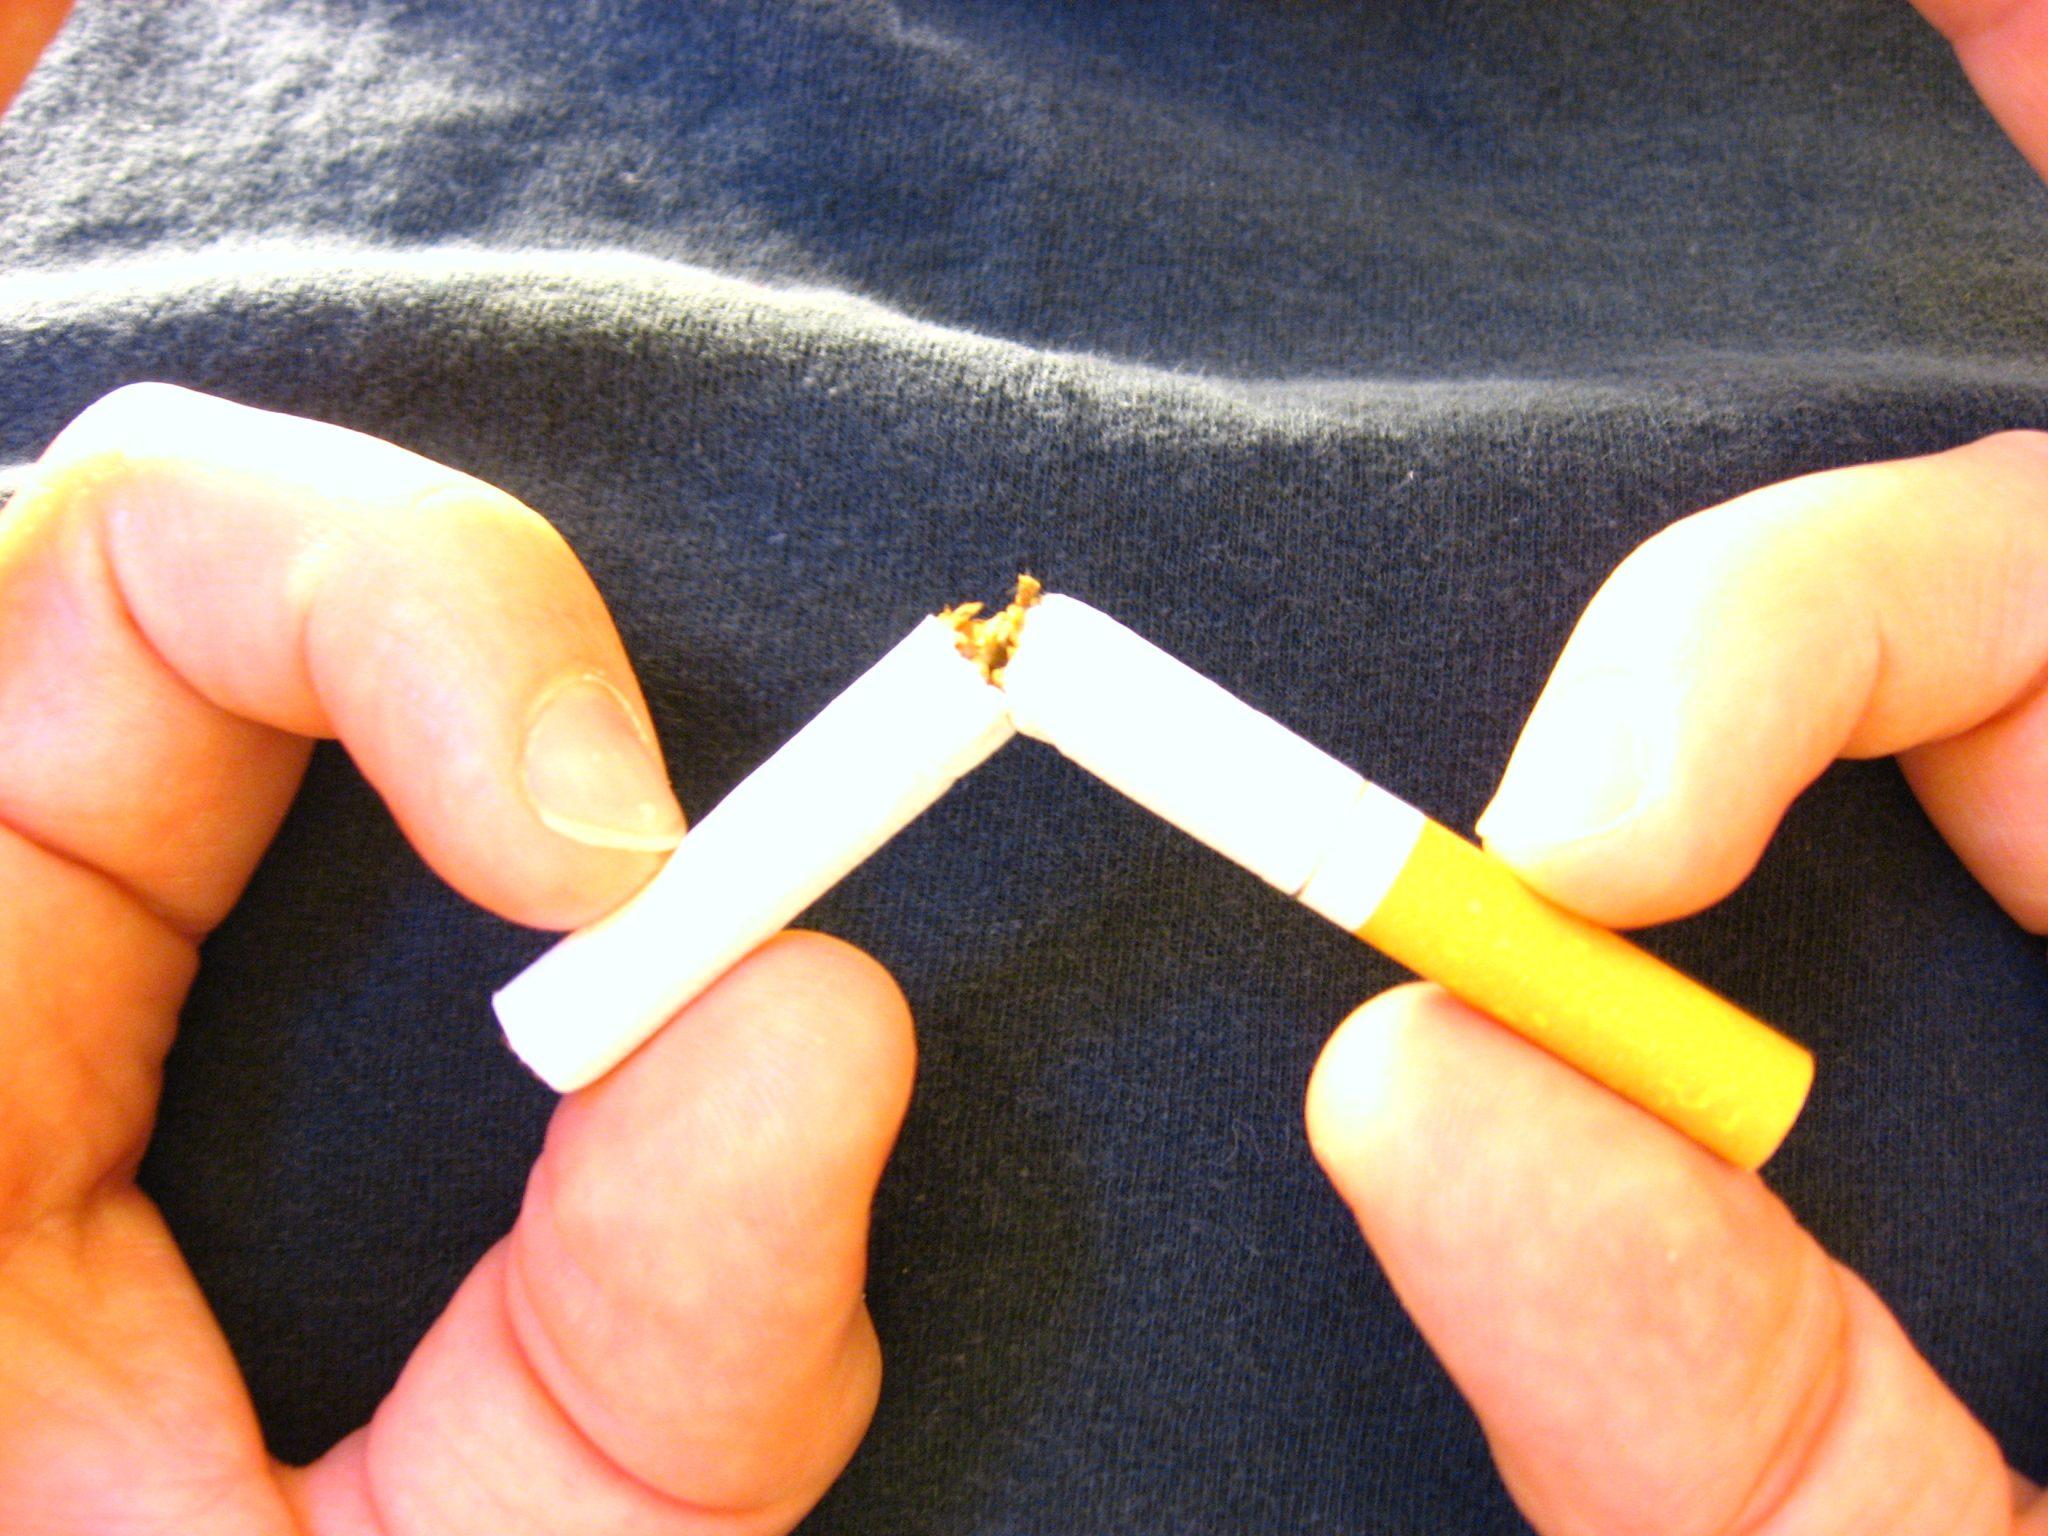 Wann hört die schmacht nach zigaretten auf